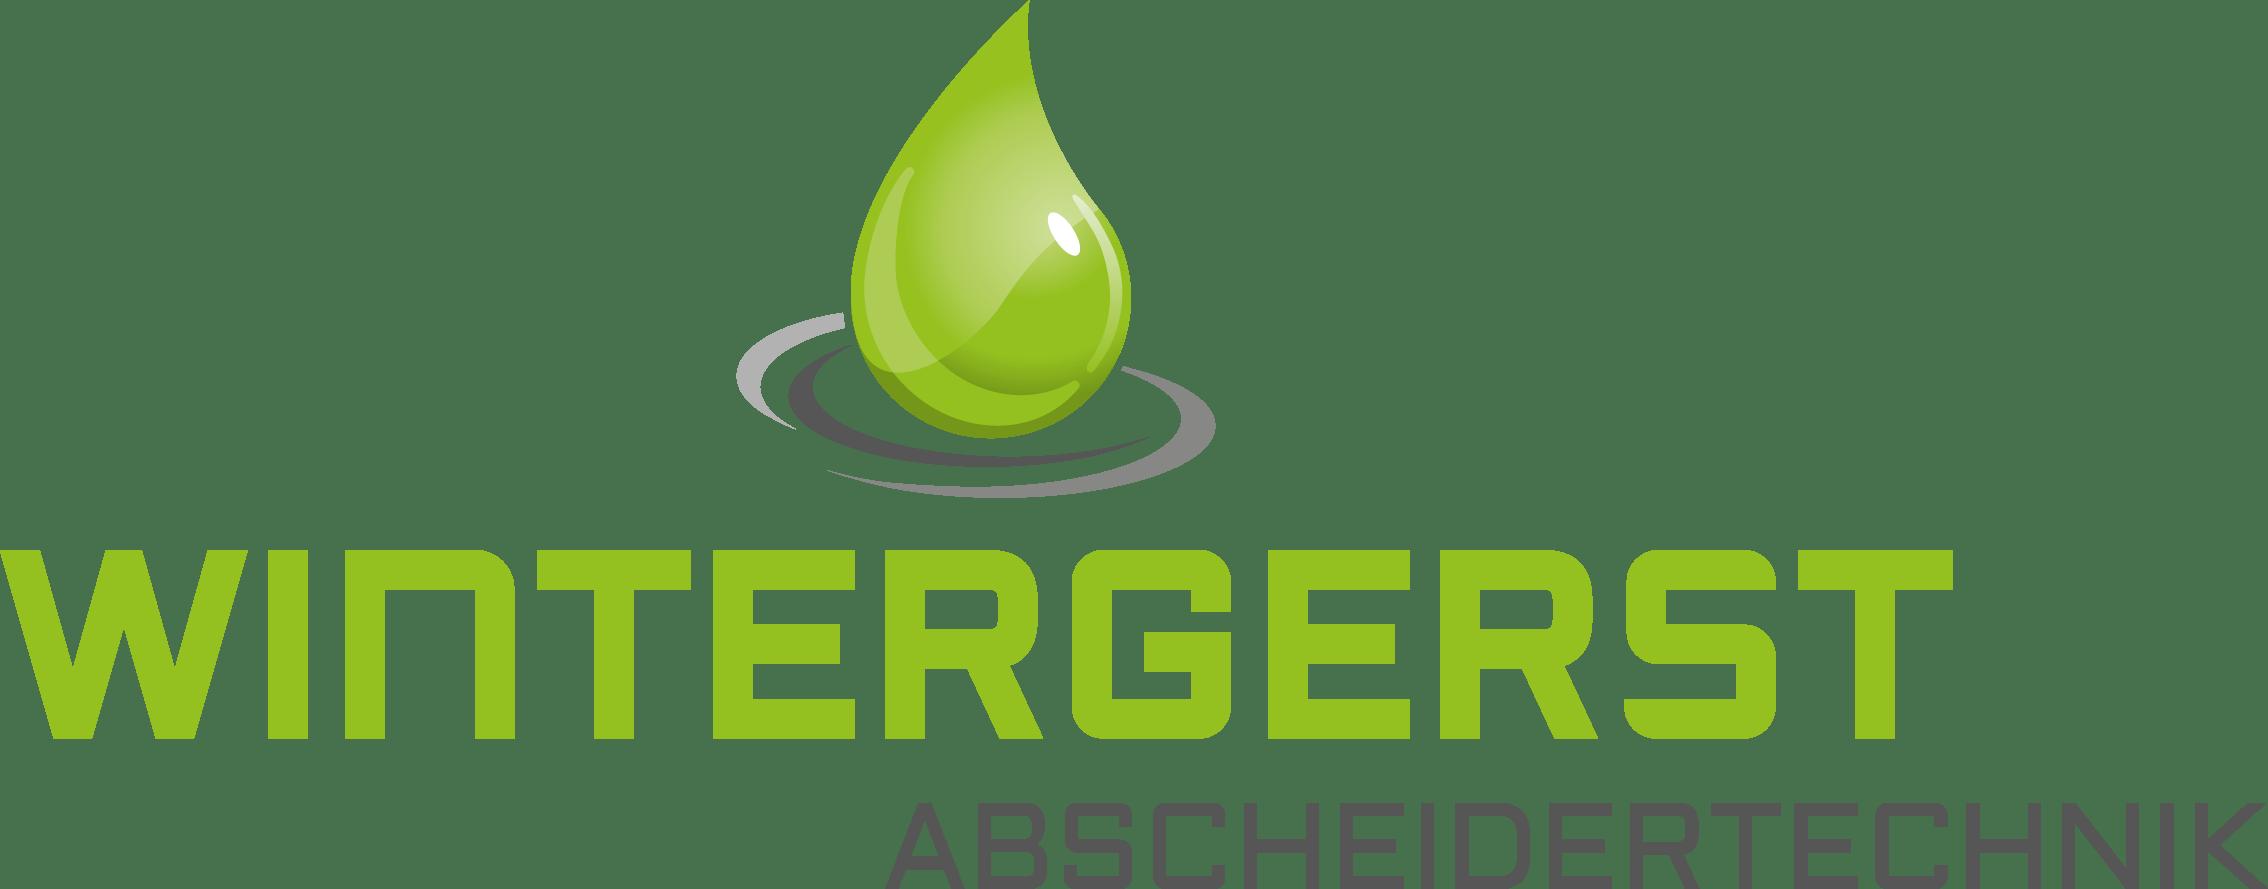 Wintergerst Abscheidertechnik GmbH